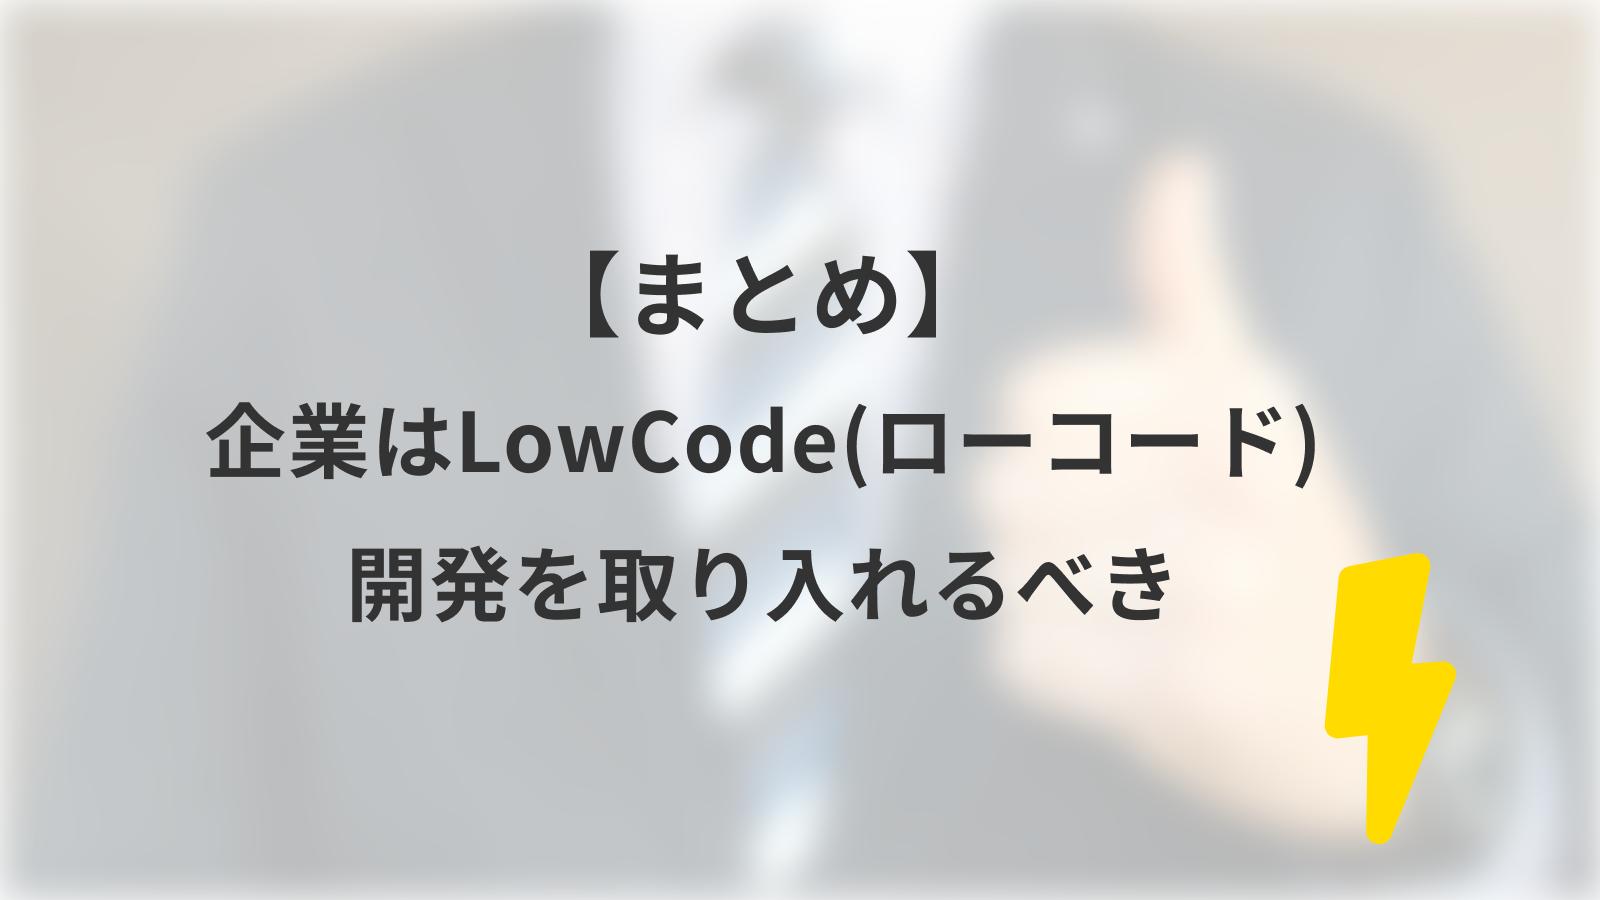 【まとめ】企業はLowCode(ローコード)開発を取り入れるべき